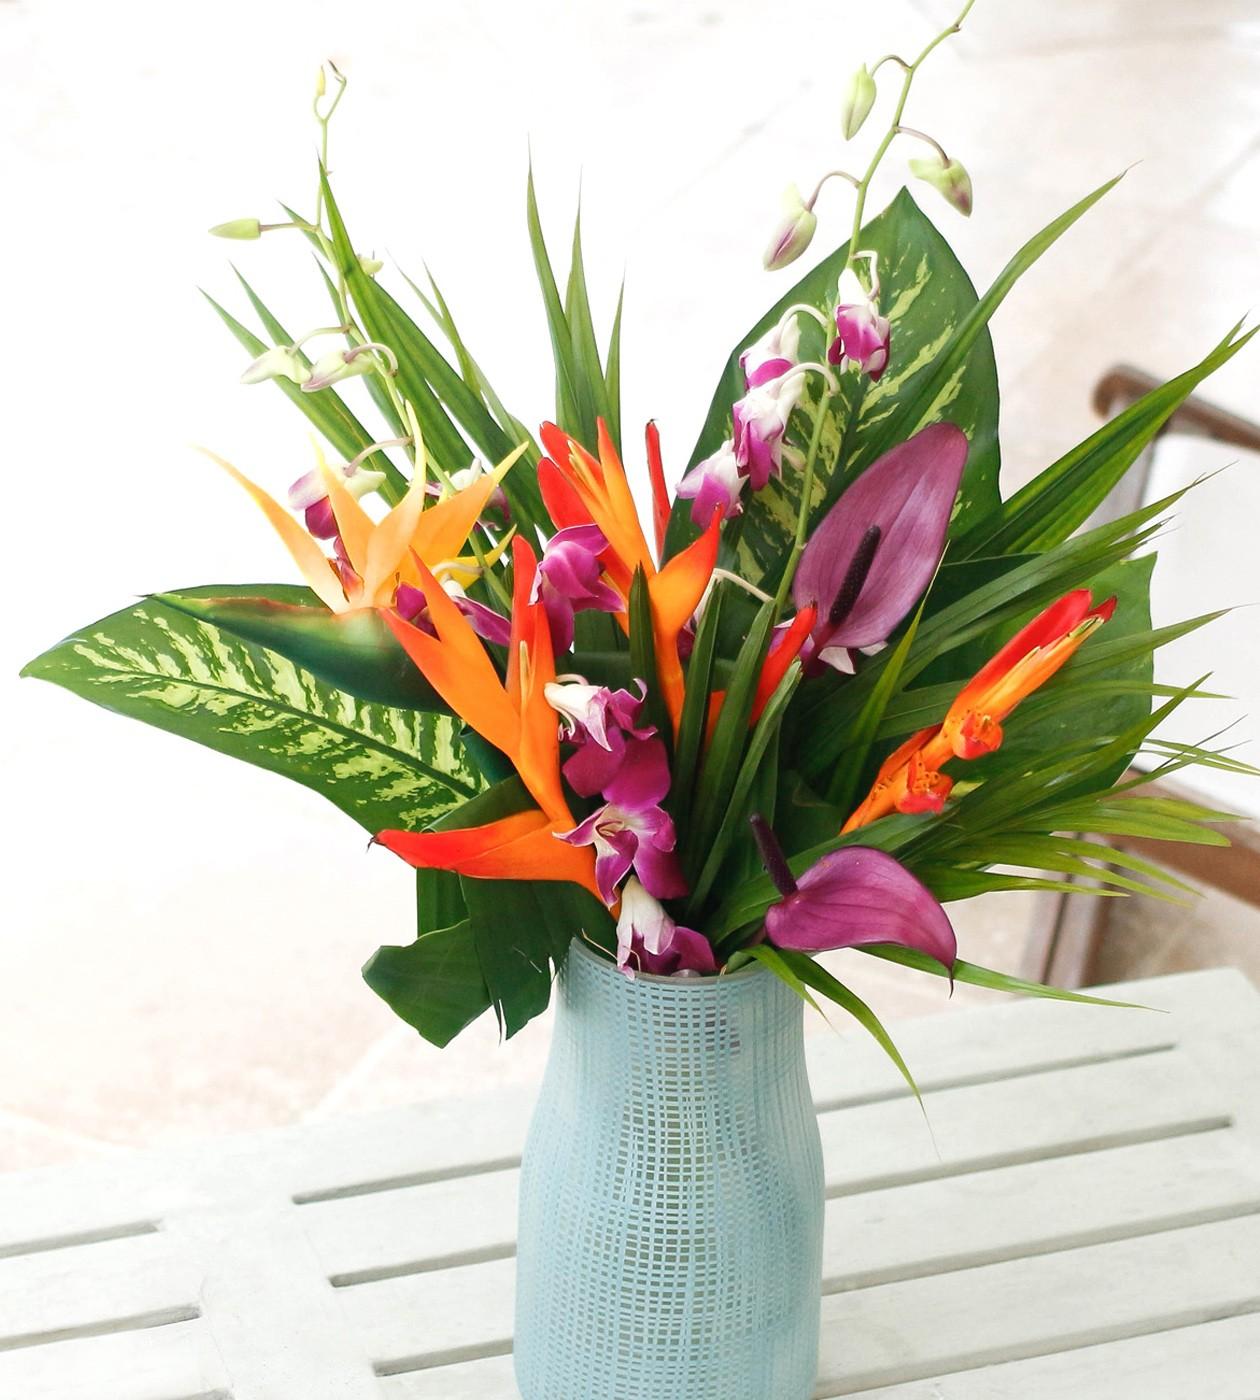 Les plus beaux bouquets de fleurs du monde fashion designs for Bouquet de fleurs savon